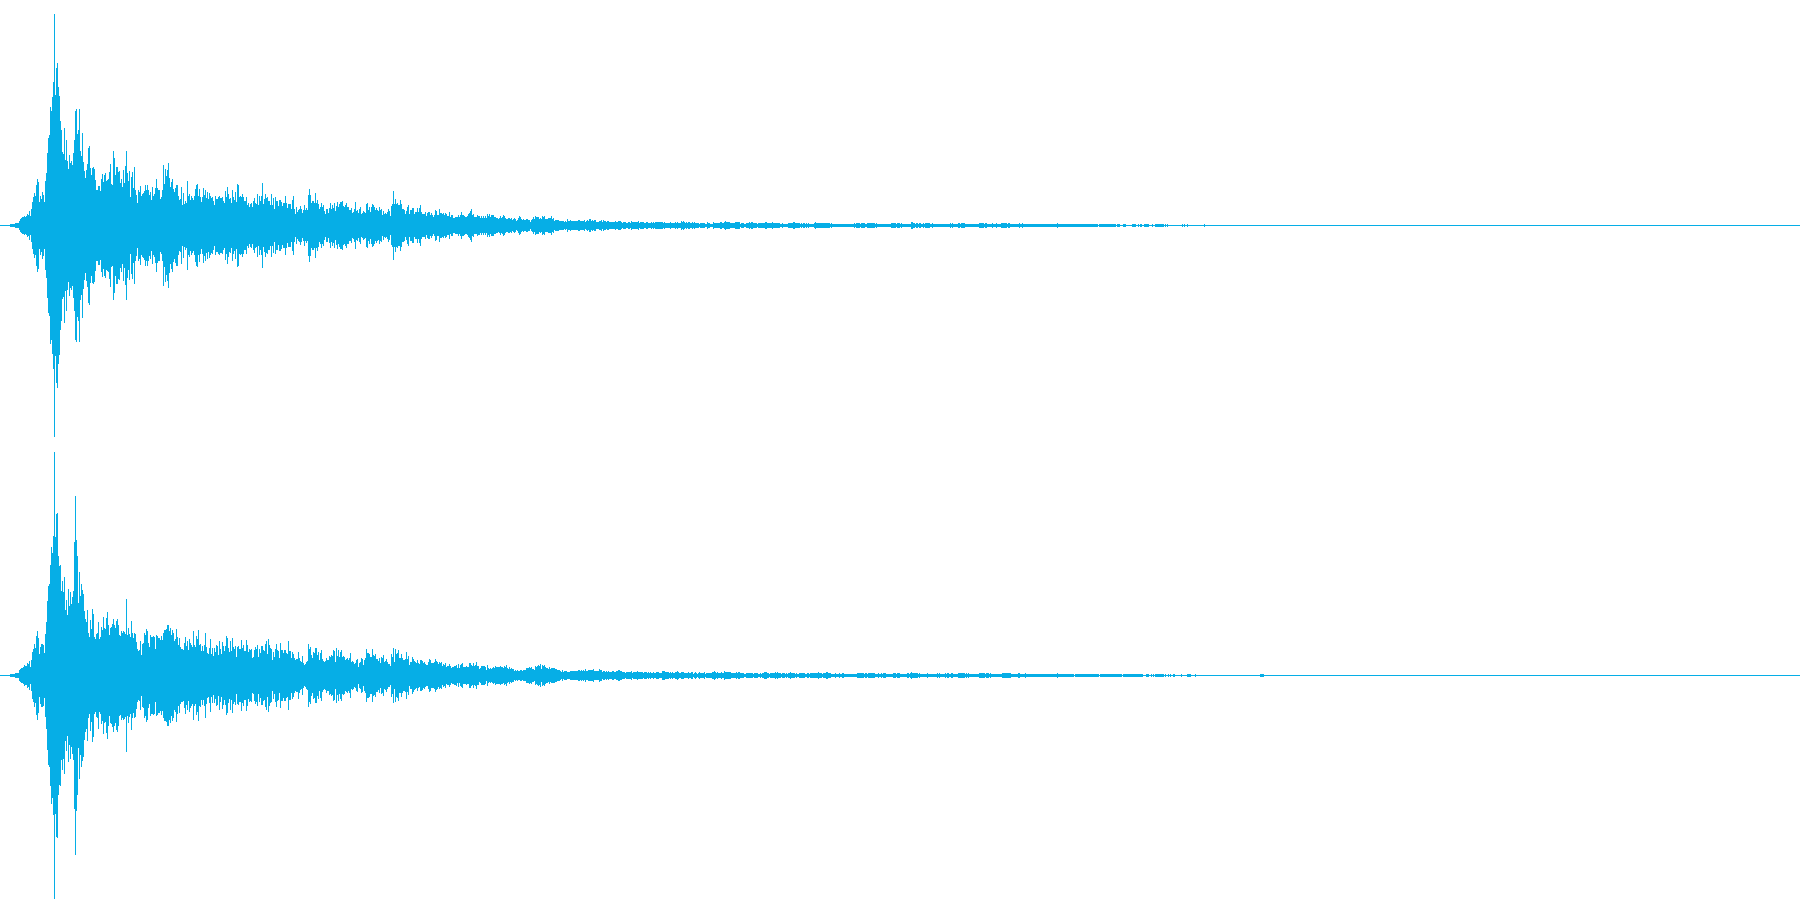 「シャン〜〜」象徴的な鈴の音2+リバーブの再生済みの波形